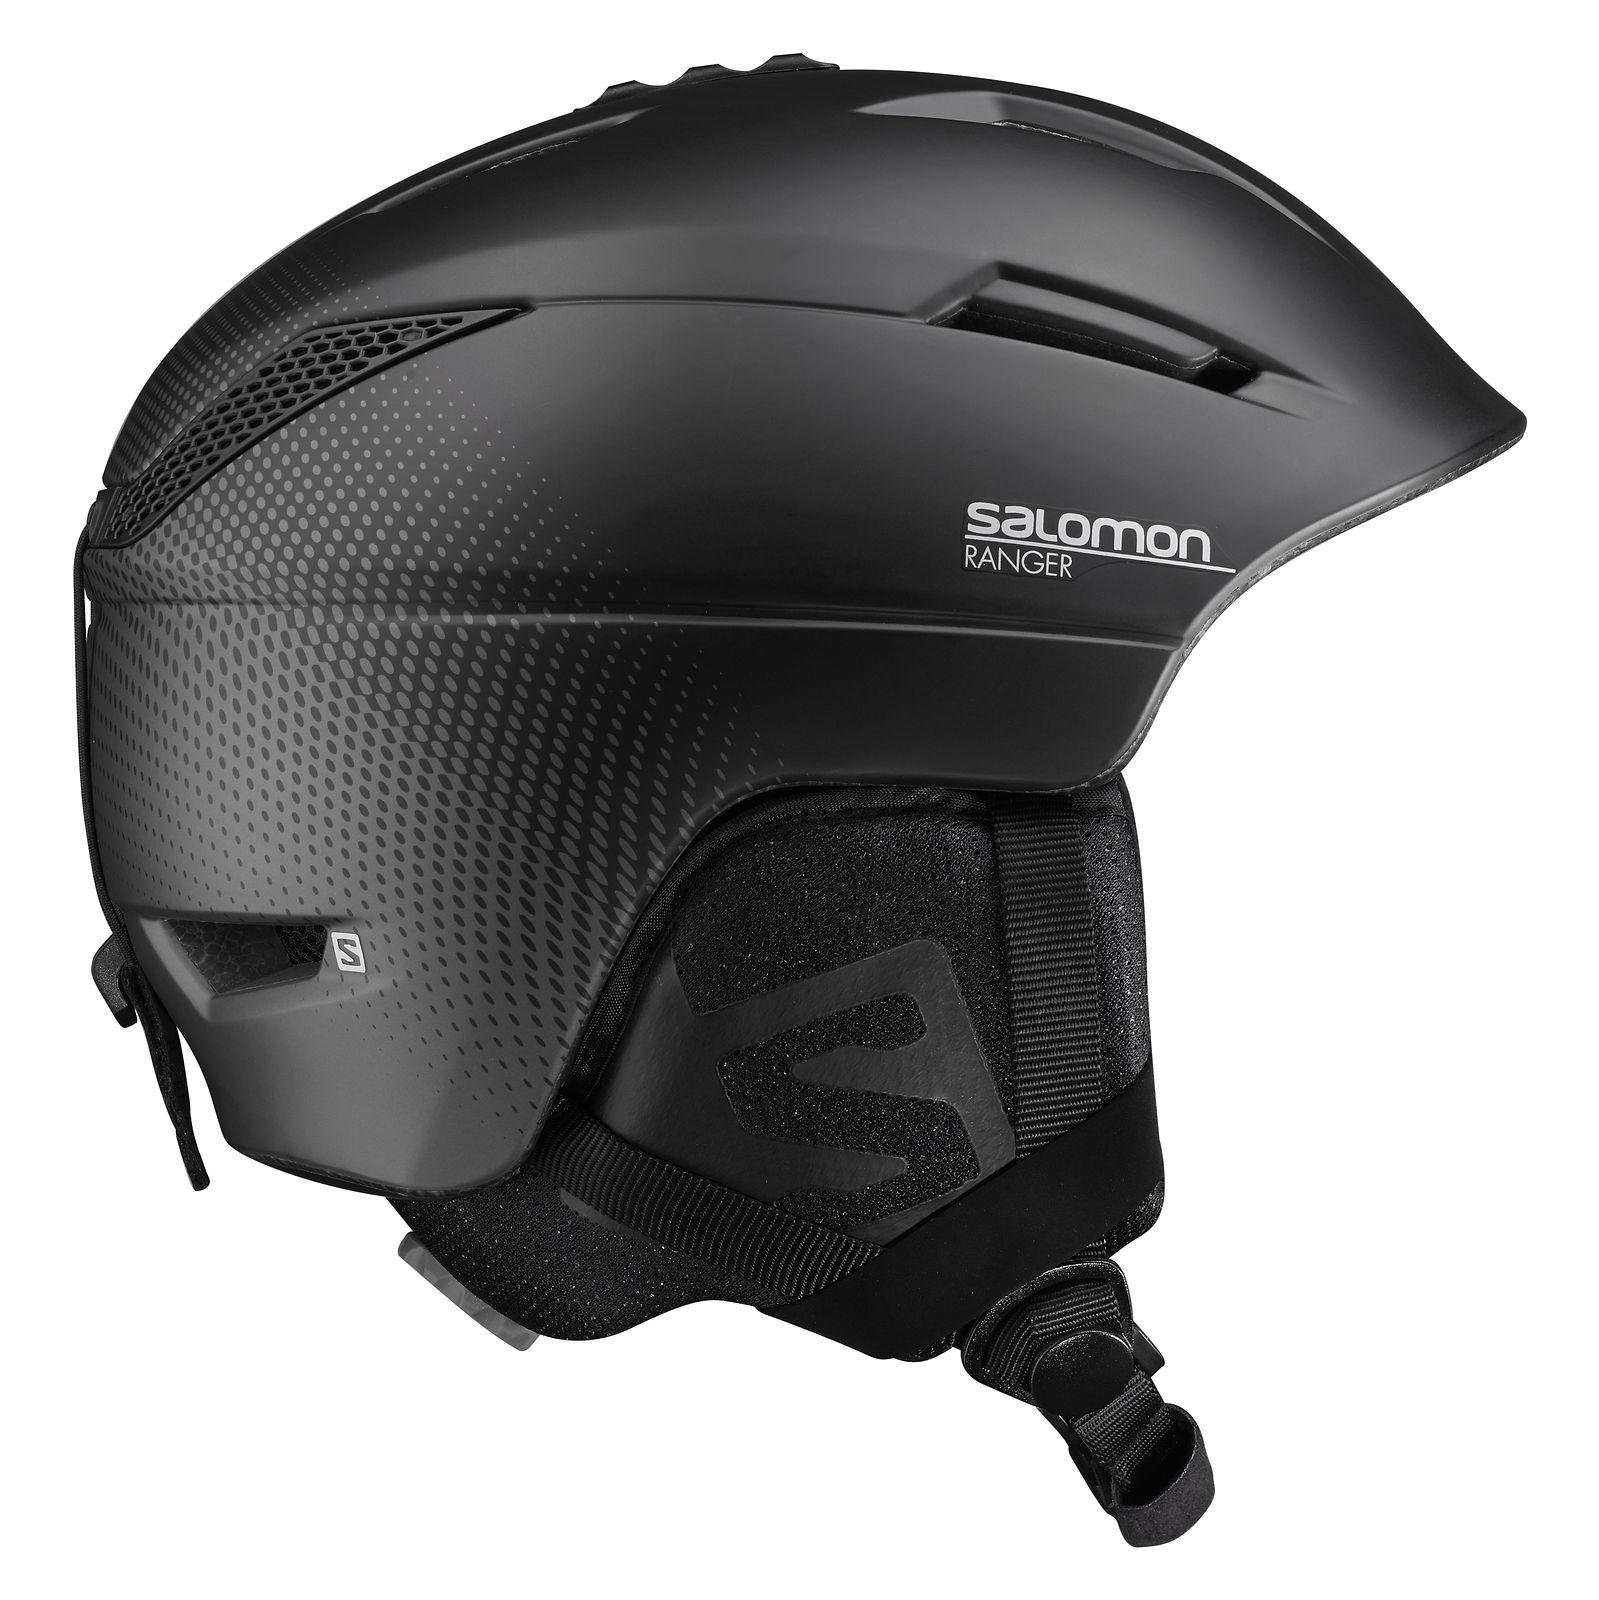 Kask Salomon Ranger 2 CD 407038